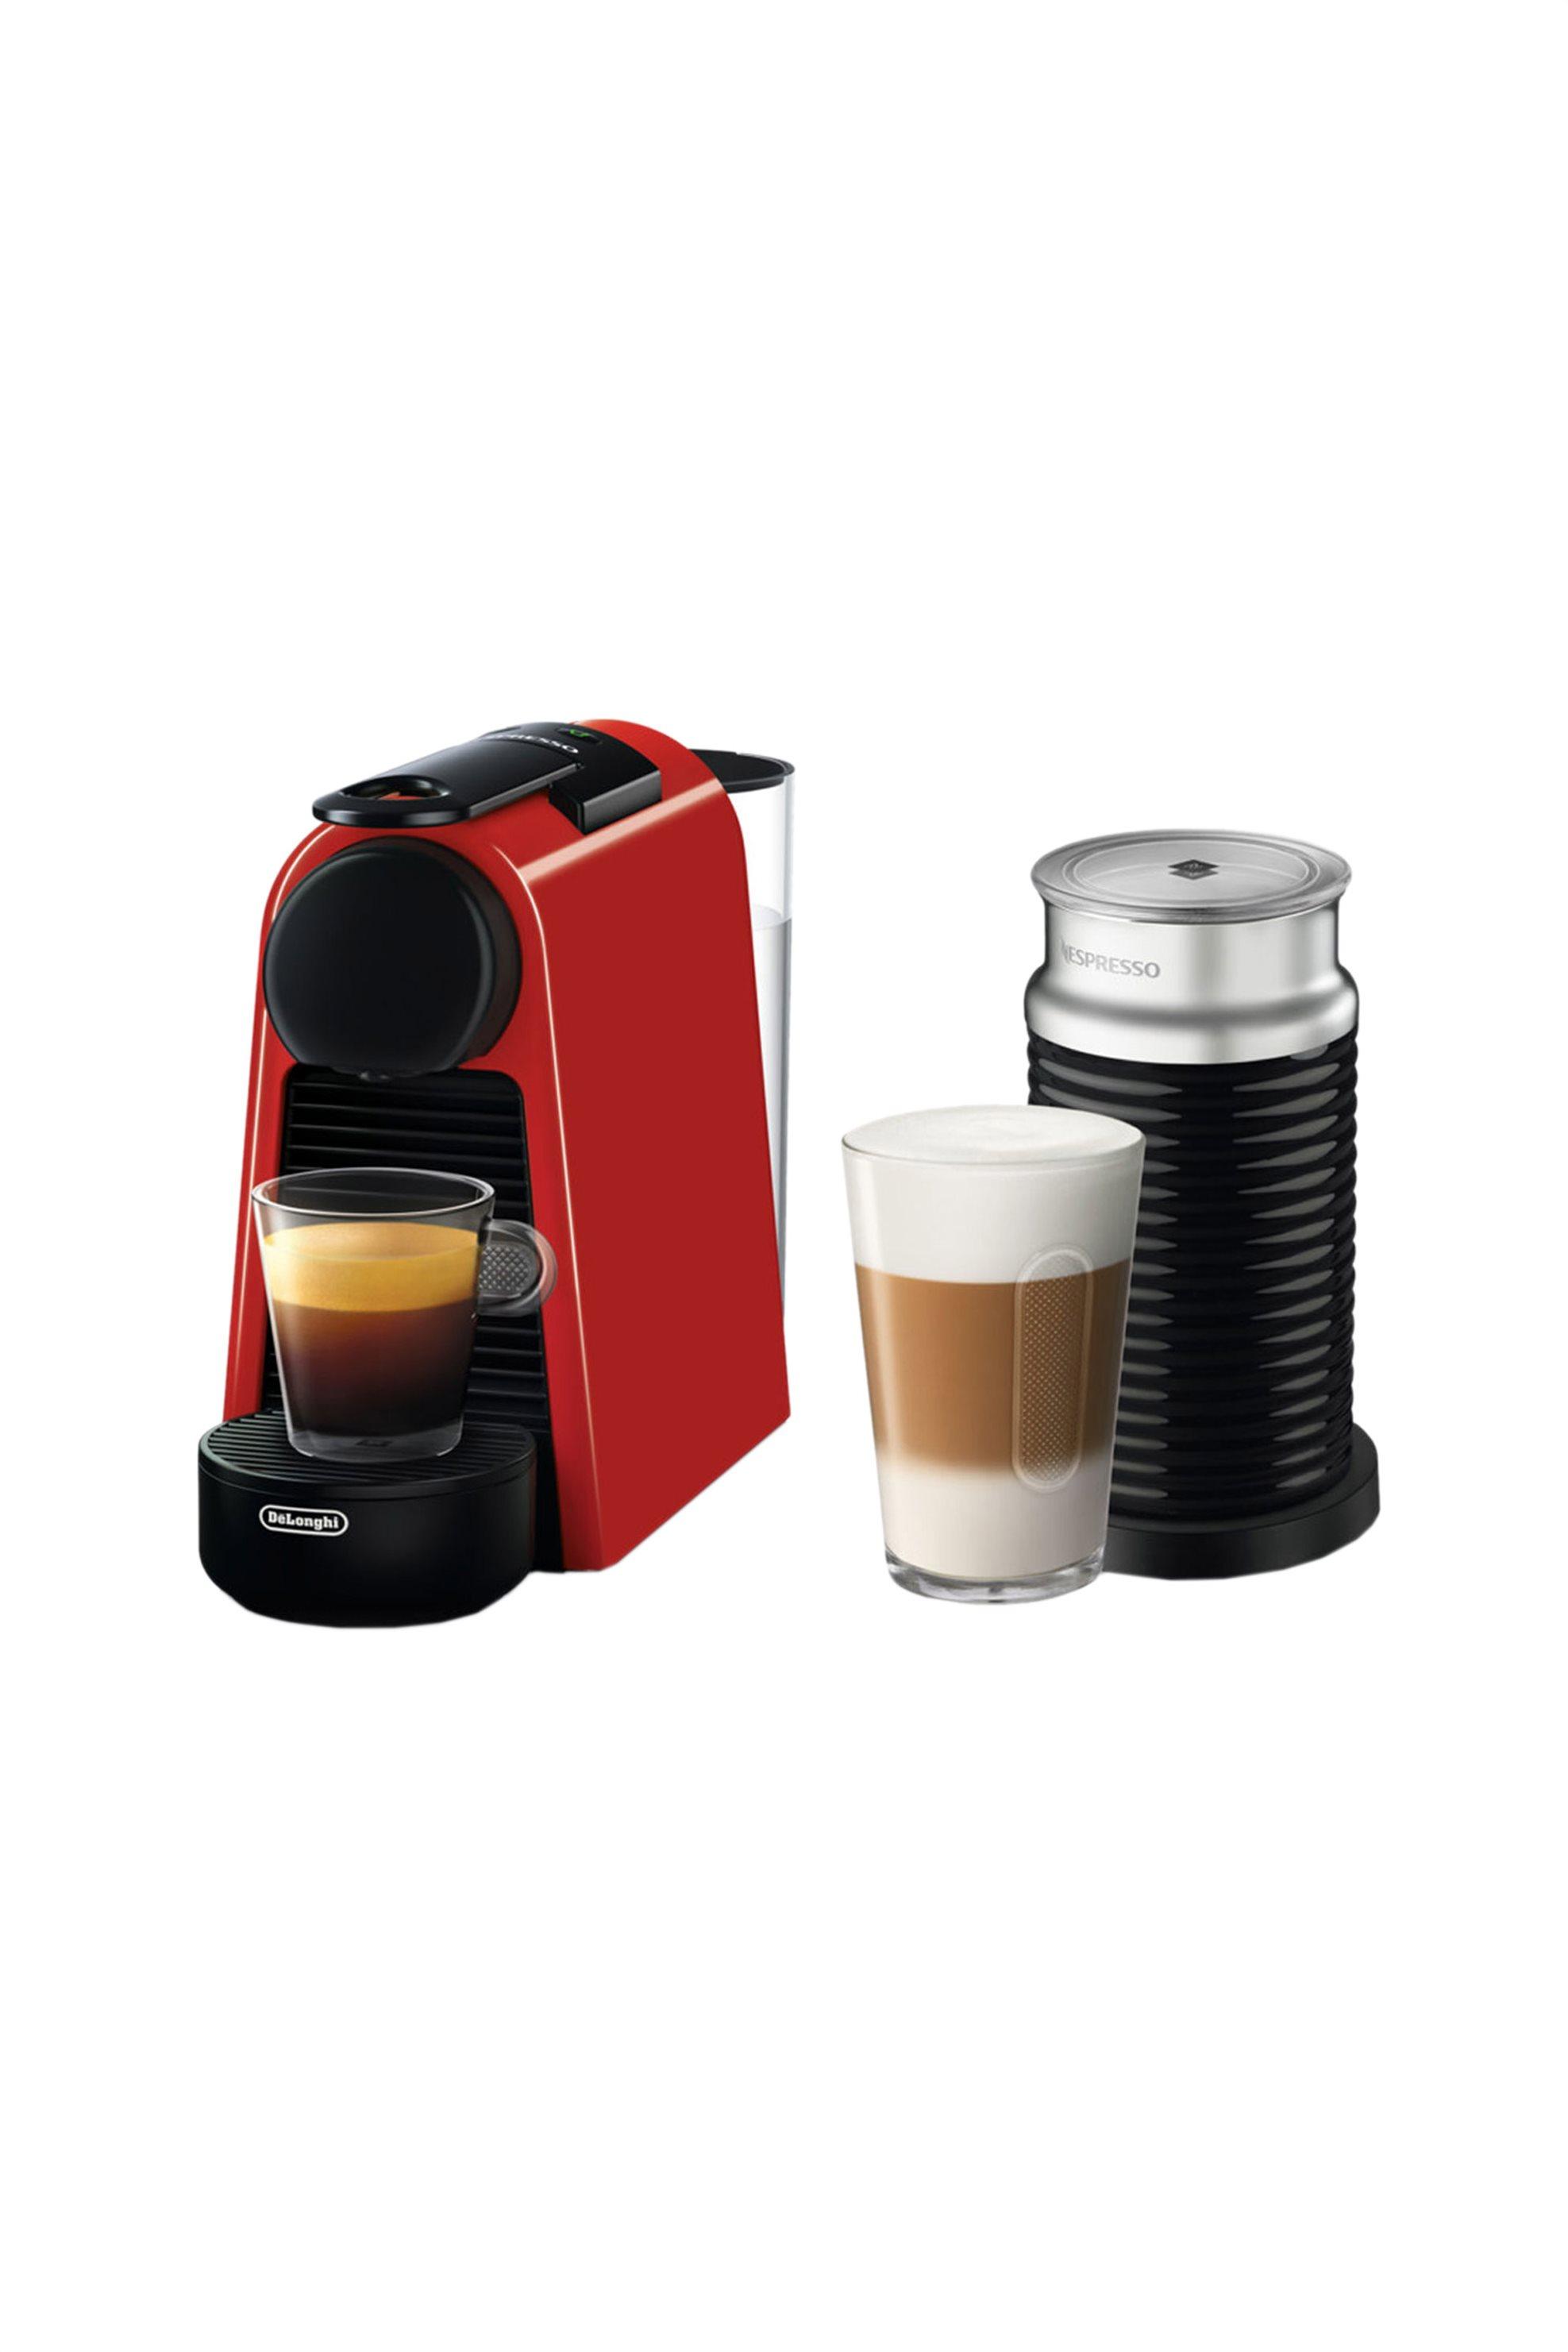 Μηχανή espresso με σύστημα κάψουλας Nespresso Mini EN85.RAE De'Longhi - 01321916 home   μικρεσ οικιακεσ συσκευεσ   καφετιέρες   μηχανές espresso